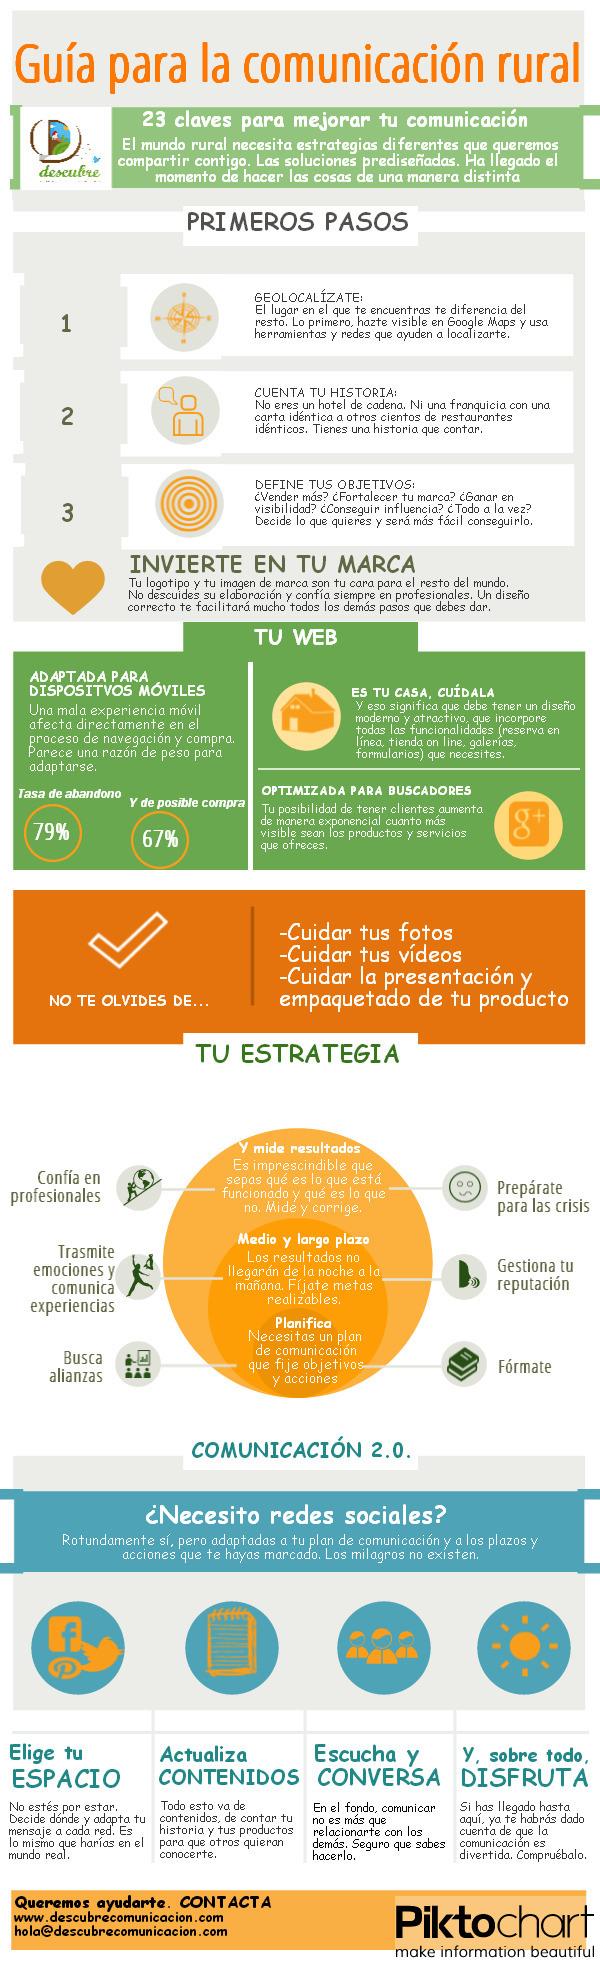 Guía de comunicación para la empresa rural